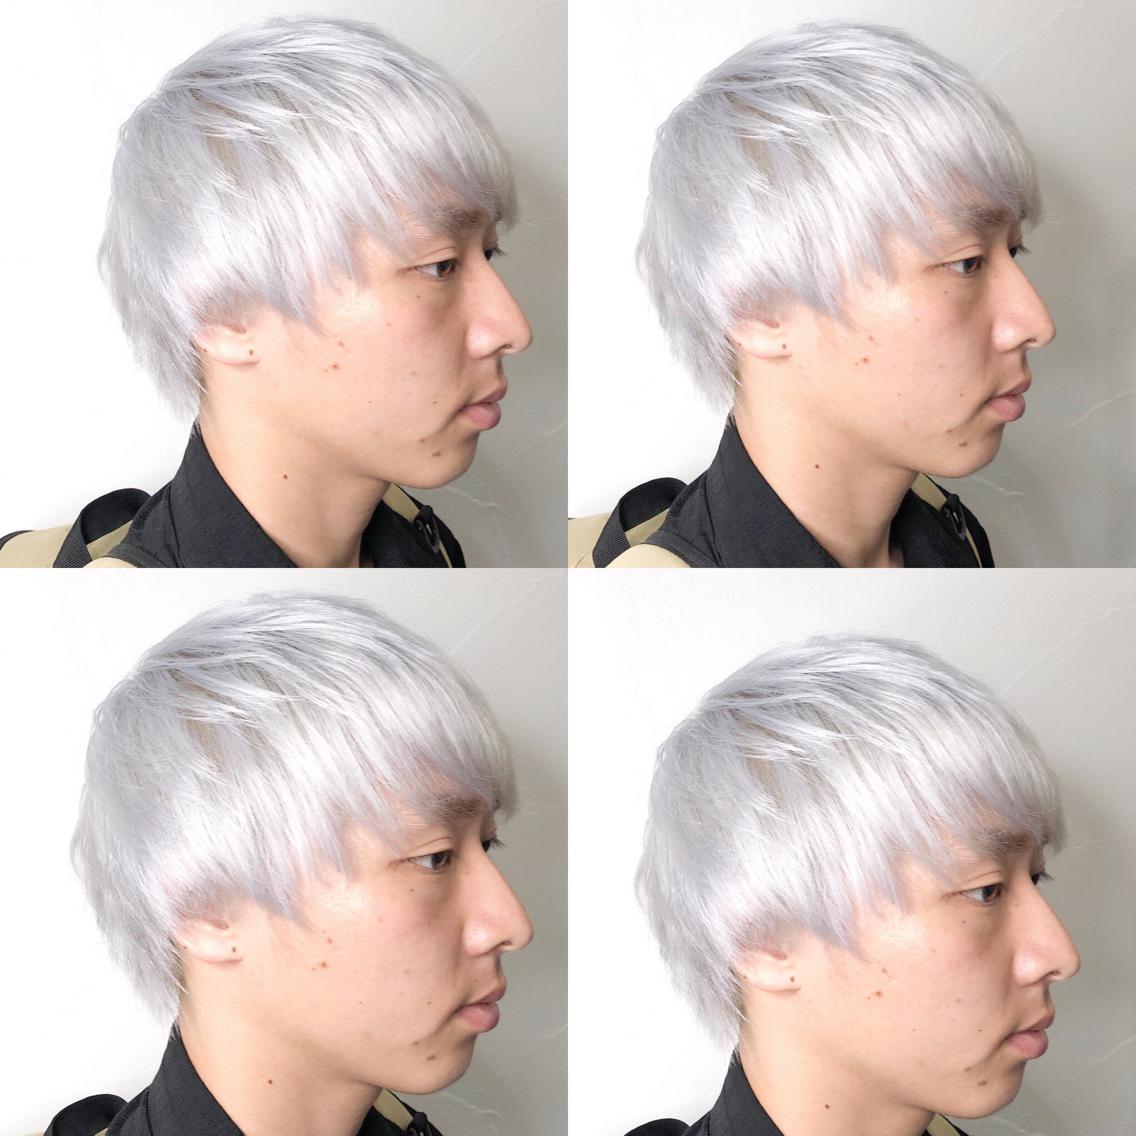 #ミディアム #カラー ・White silver・ ✳︎11000円〜✳︎ ✳︎minaでブリーチ3〜5回出来れば綺麗なホワイトヘアを作れます👻 ✳︎ ✳︎ダメージが強いとブリーチが出来ない場合もあるのでご了承ください ✳︎ムラシャンはエンシェールズのシャンプーを薄めて使うのがオススメ🧖🏻♀️ ✳︎ ✳︎黒染めや縮毛、デジパをしていなくてダメージがひどくなければおおよそ4〜5回ブリーチで出来ます🦄✳︎ 最後まで可愛く仕上げます🇰🇷 ✳︎ お店の近くにあるティファニーカフェで映えな写真もプレゼントします🦄 ✳︎ ✳︎黒染め履歴、ダメージが強い方はでホワイトにはならないです💦  #原宿#ハイトーンカラー#シルバーカラー#ヘアカラー#ネイビーカラー#ホワイトカラー#ブロンドヘアー#アッシュ#ケアブリーチ#ブロンドカラー#派手髪#ラベンダーカラー#ミルクティーカラー#アッシュ#ミルクティーベージュ#ブルージュ#グレージュ#ピンクカラー#インナーカラー#ハイライトカラー#グラデーションカラー#bts#seventeen#twice ✳︎ ✳︎